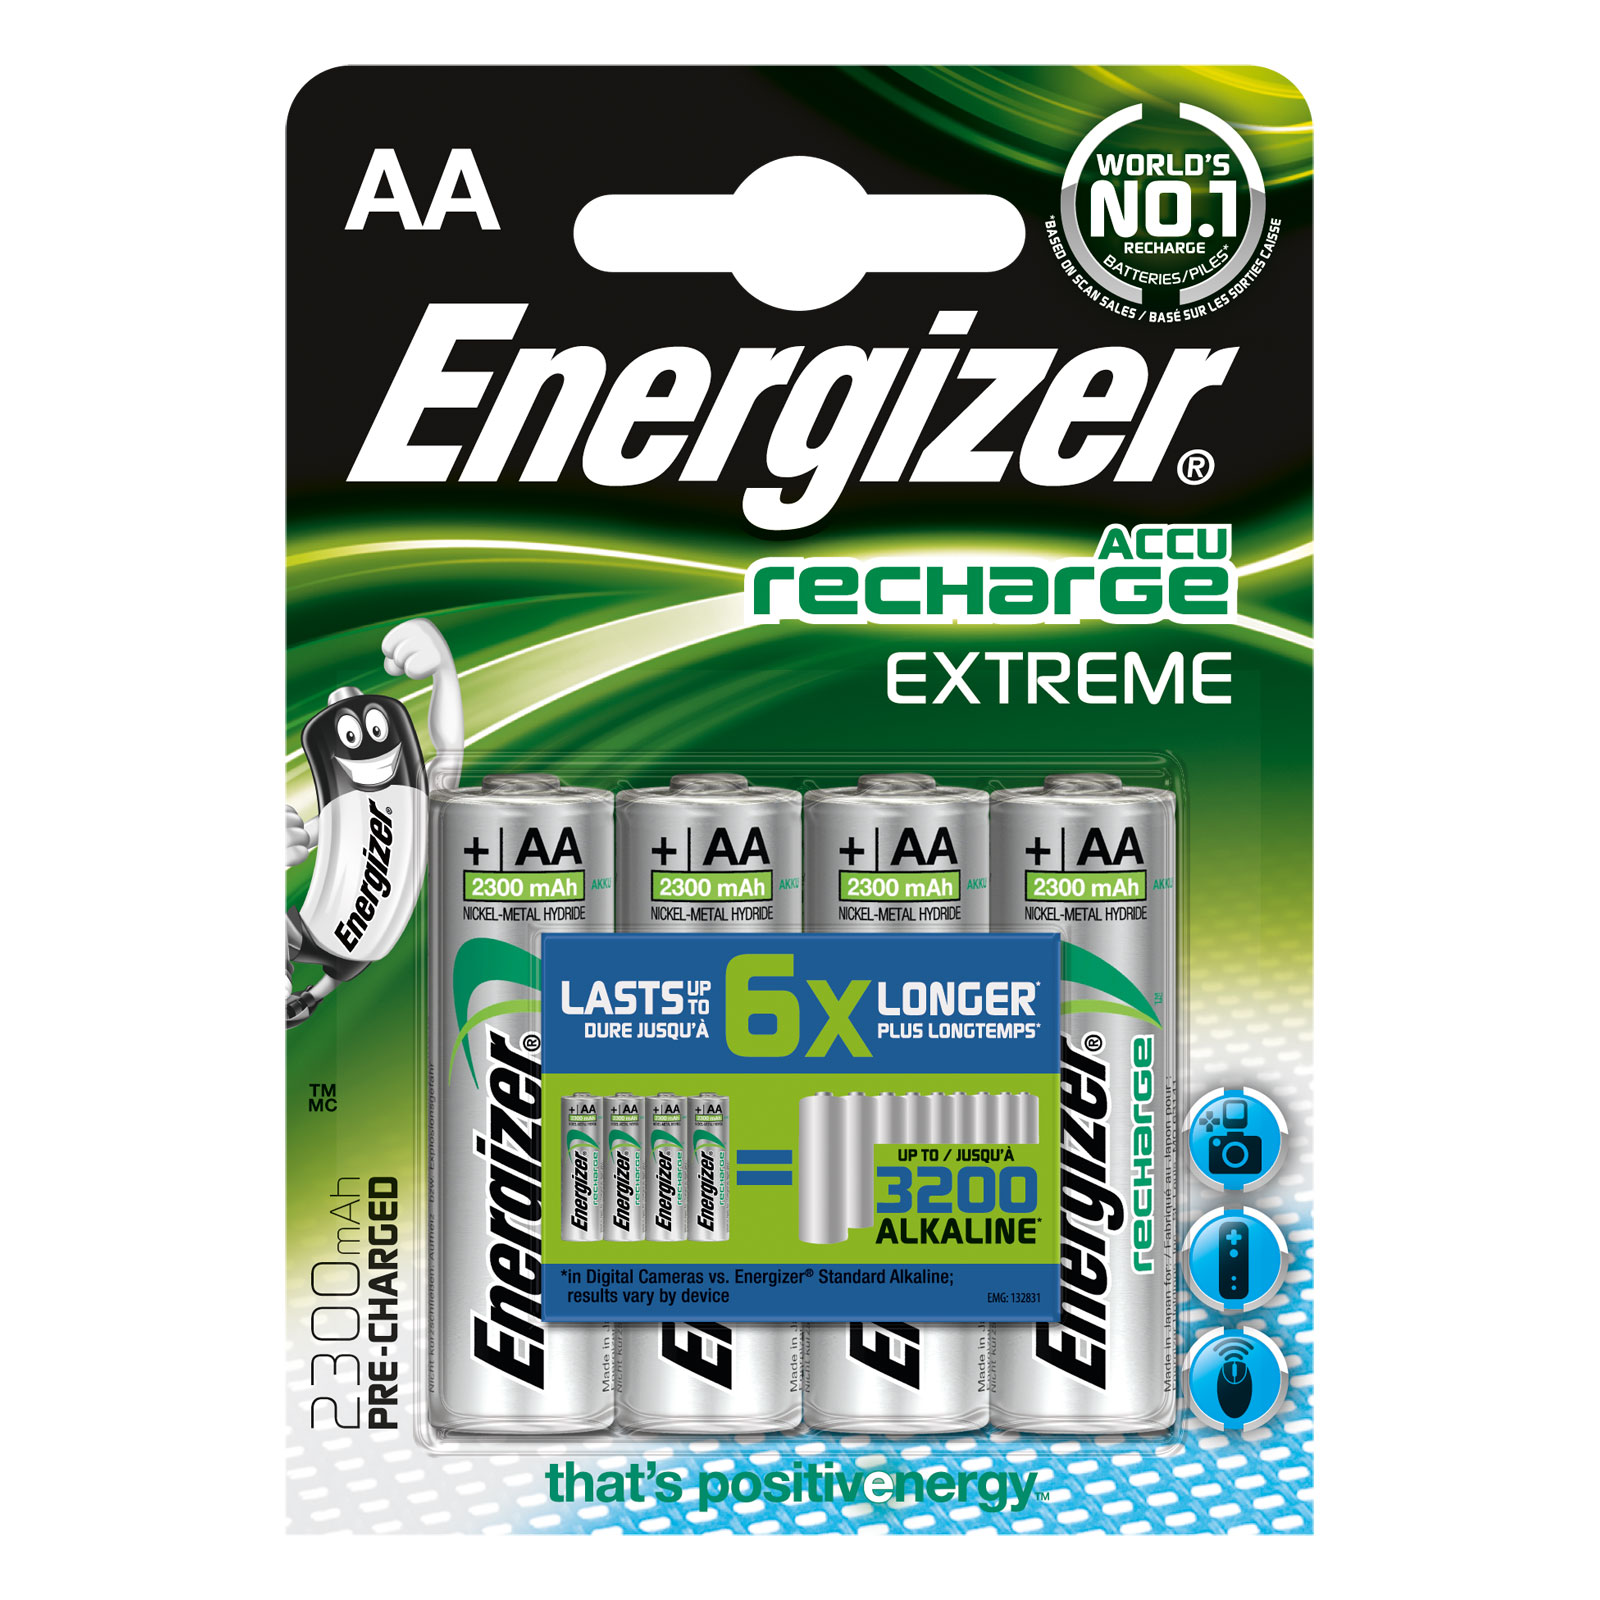 Pile & accu Energizer Accu Recharge Extreme AA 2300 mAh (par 4) Pack de 4 piles AA (HR06) rechargeables 2300 mAh